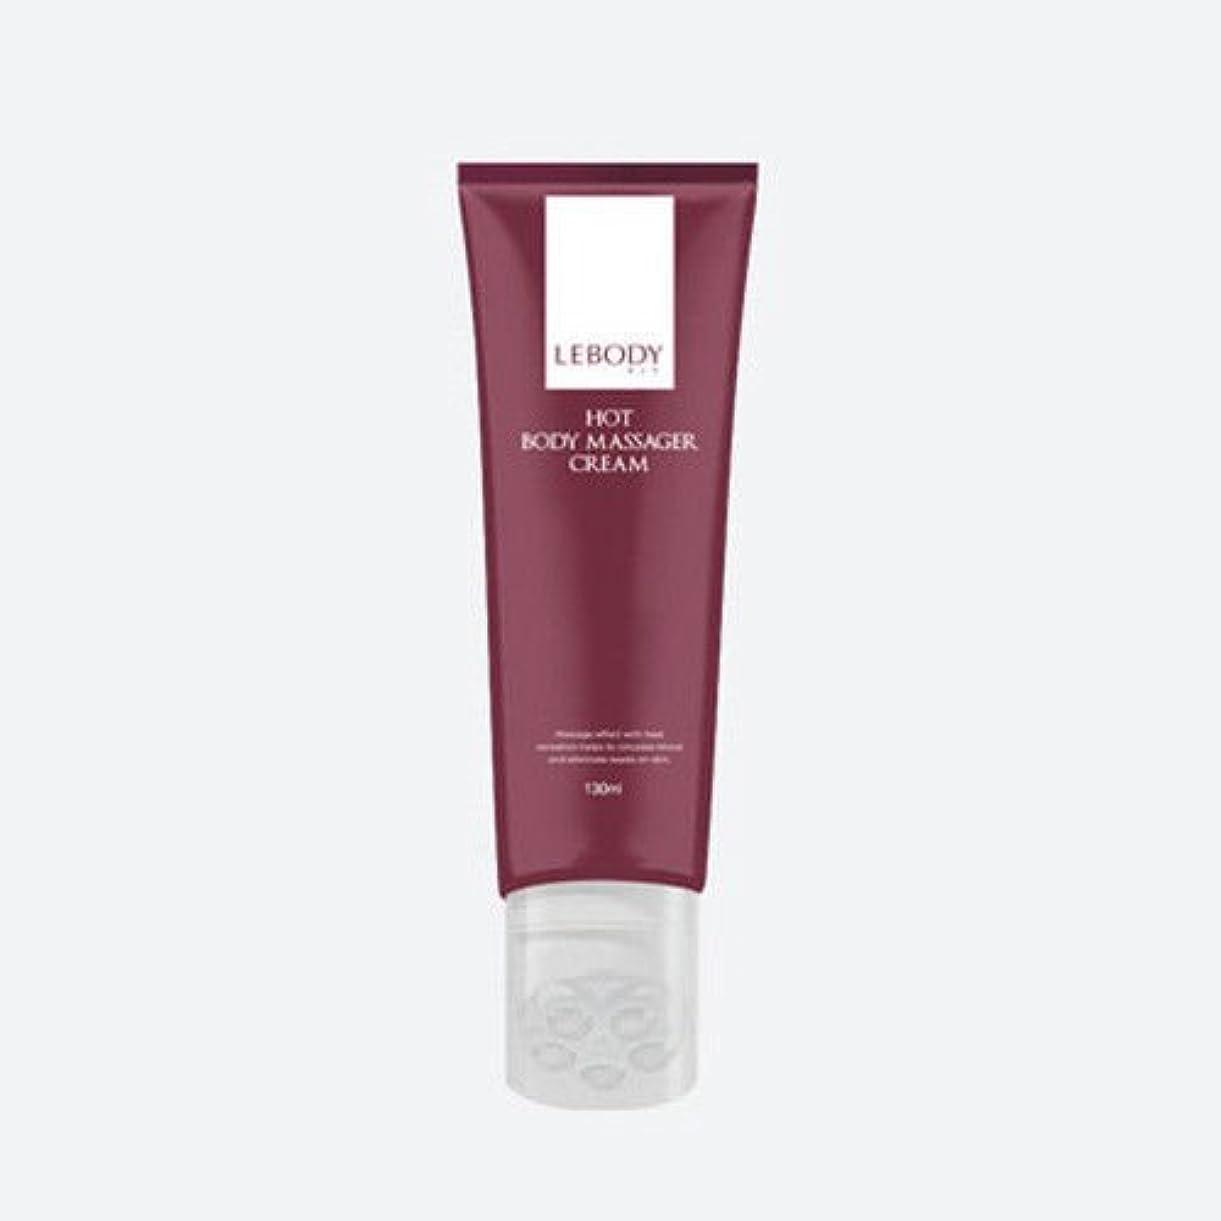 全国月感動する[並行輸入品] LEBODYレボディフィットホットボディマッサージクリーム130ml / LEBODY Fit Hot Body Massager Cream 130ml